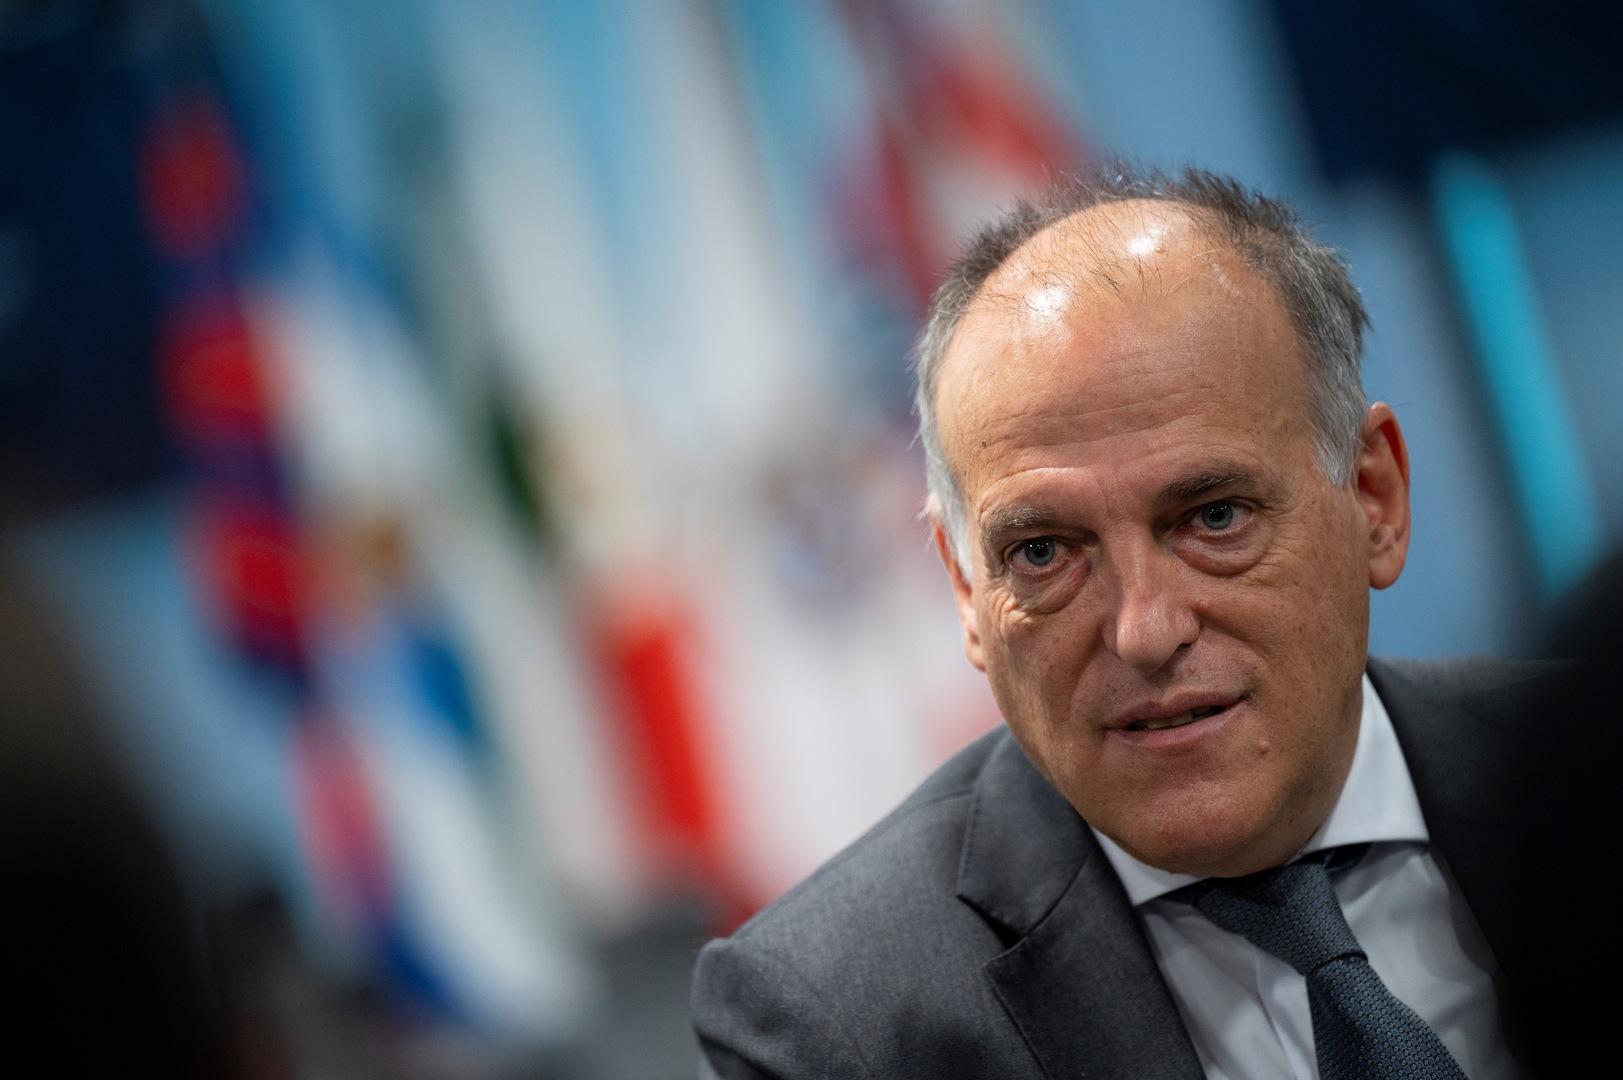 ادعاء خطير من تيباس بحق إنفانتينو بدعم مشروع دوري السوبر الأوروبي